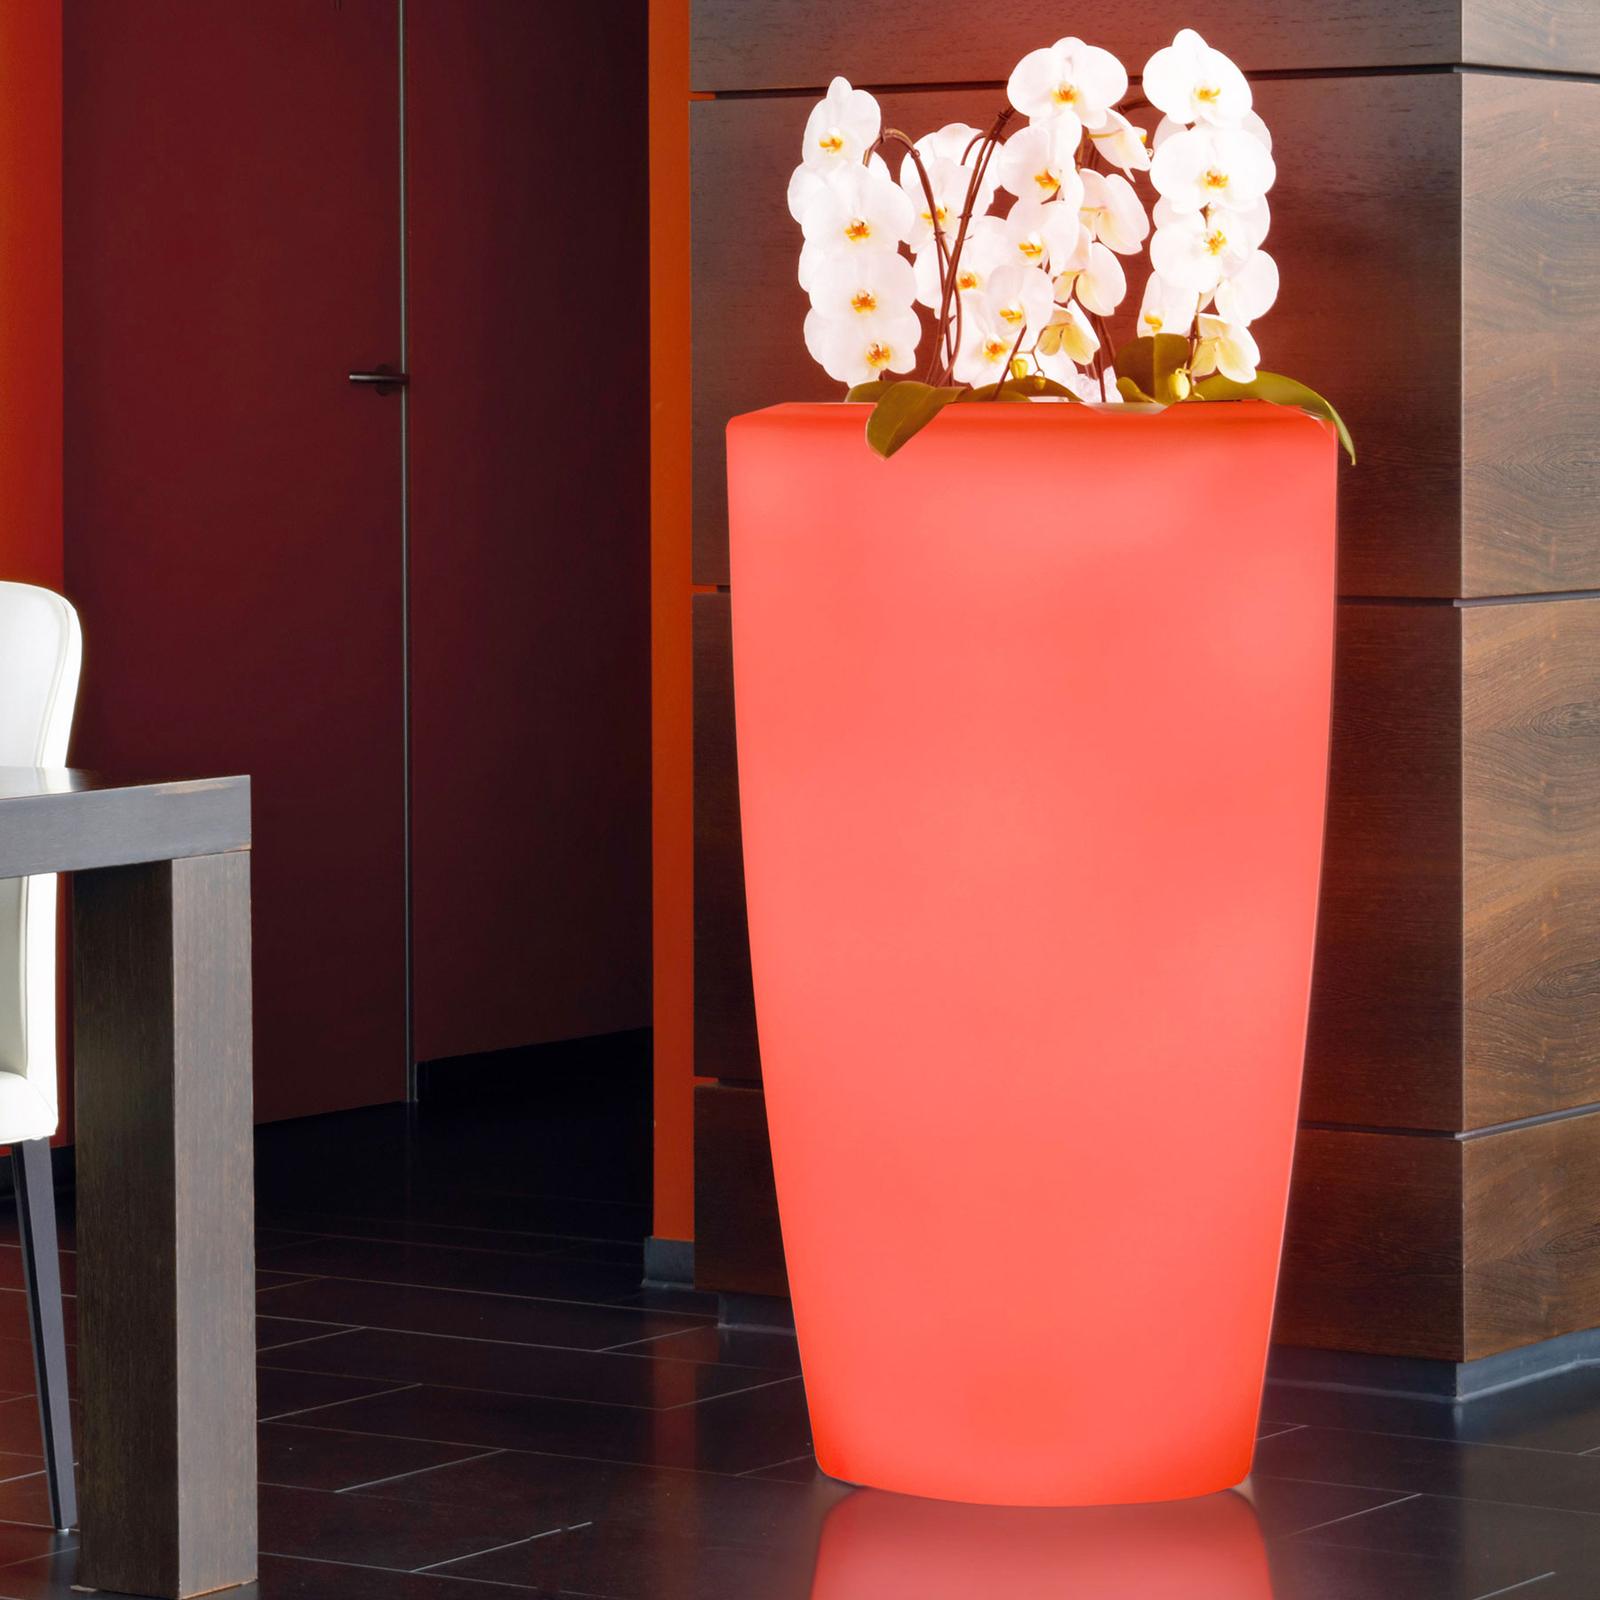 Lampa dekoracyjna Rovio IV donica RGB biała